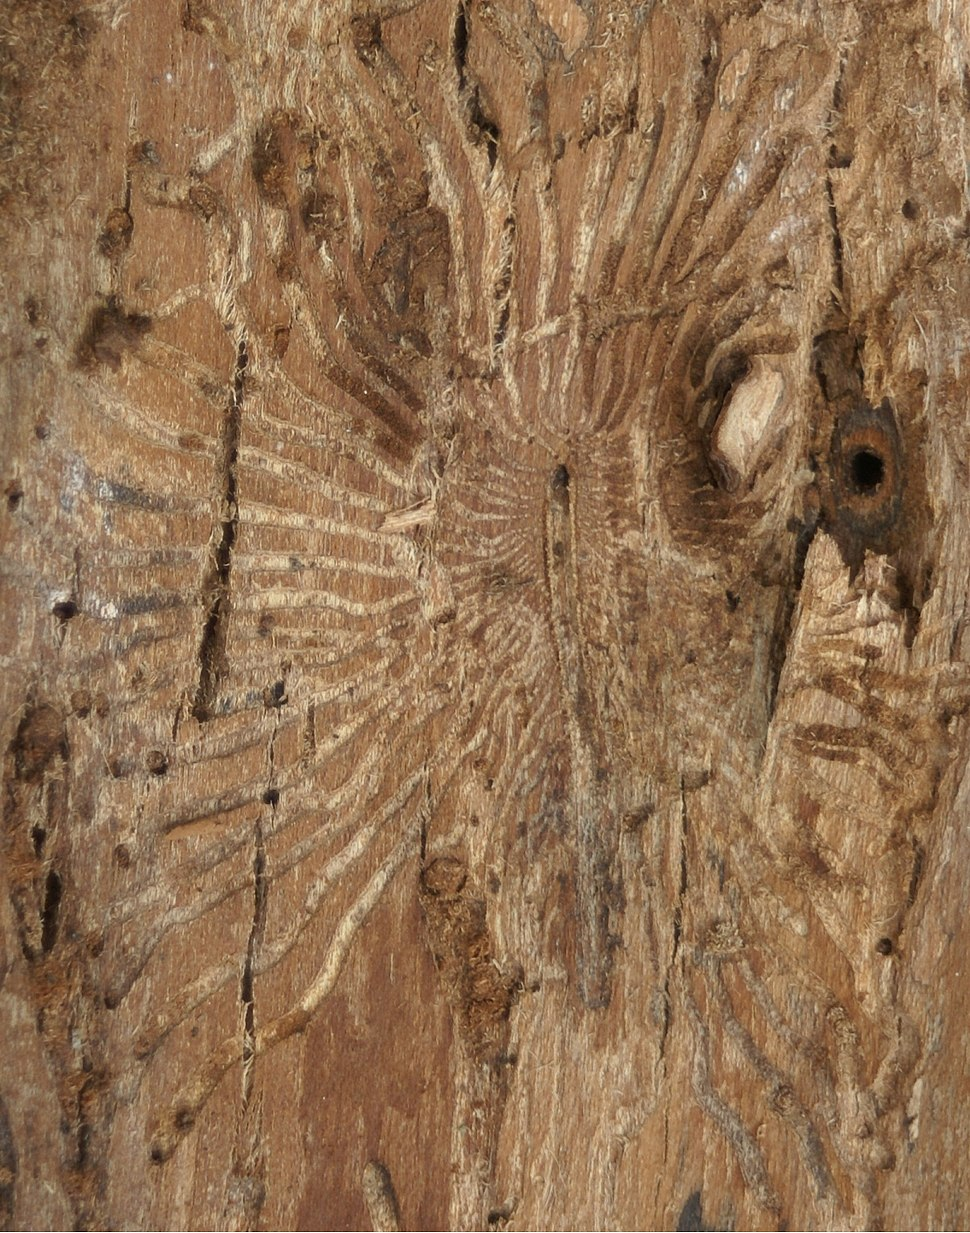 04 Scolytus multistriatus Fra%C3%9Fbild